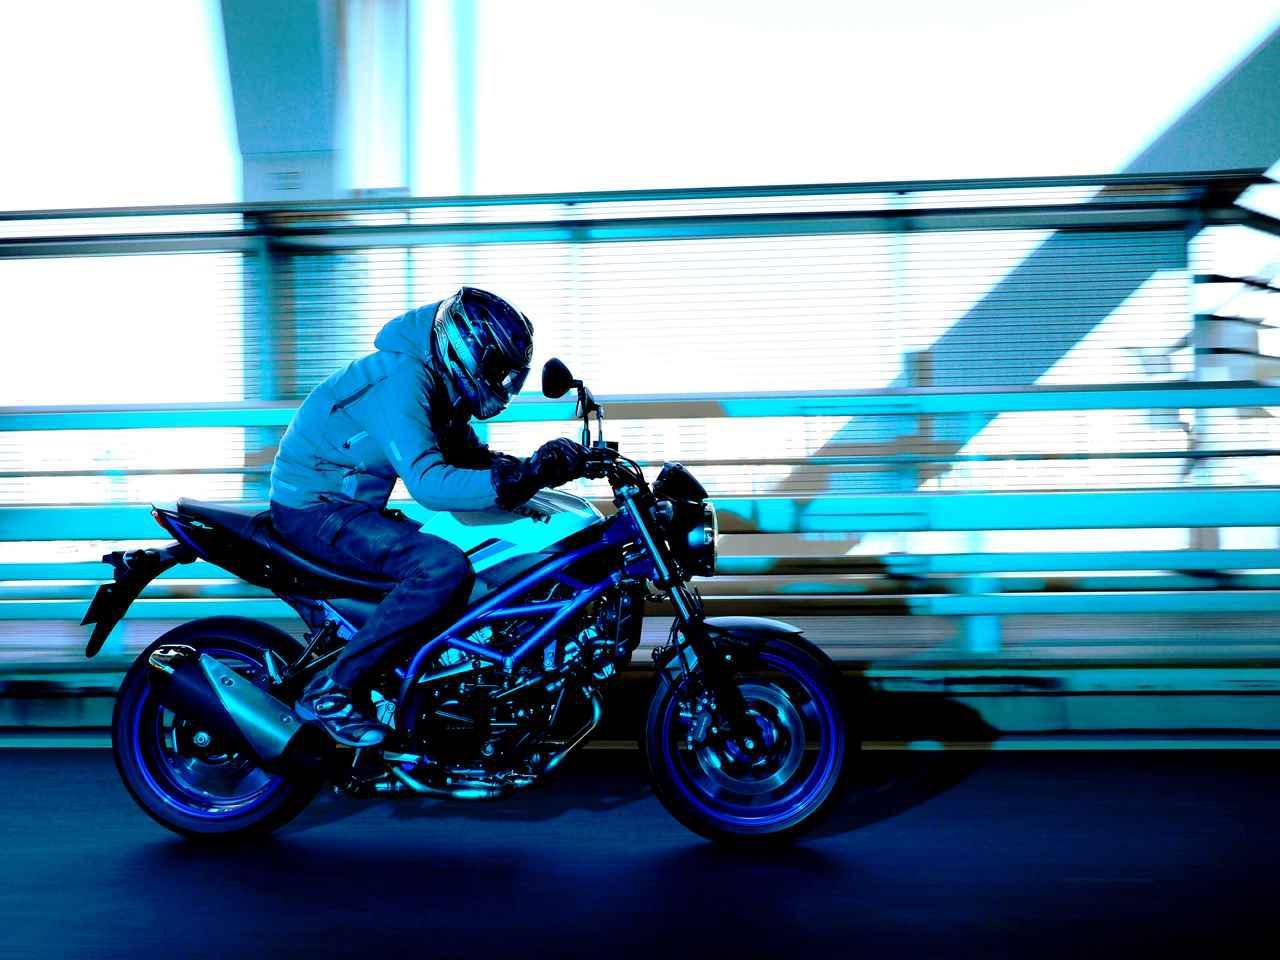 画像2: SV650は『ブレーキ強化』で何が変わる?